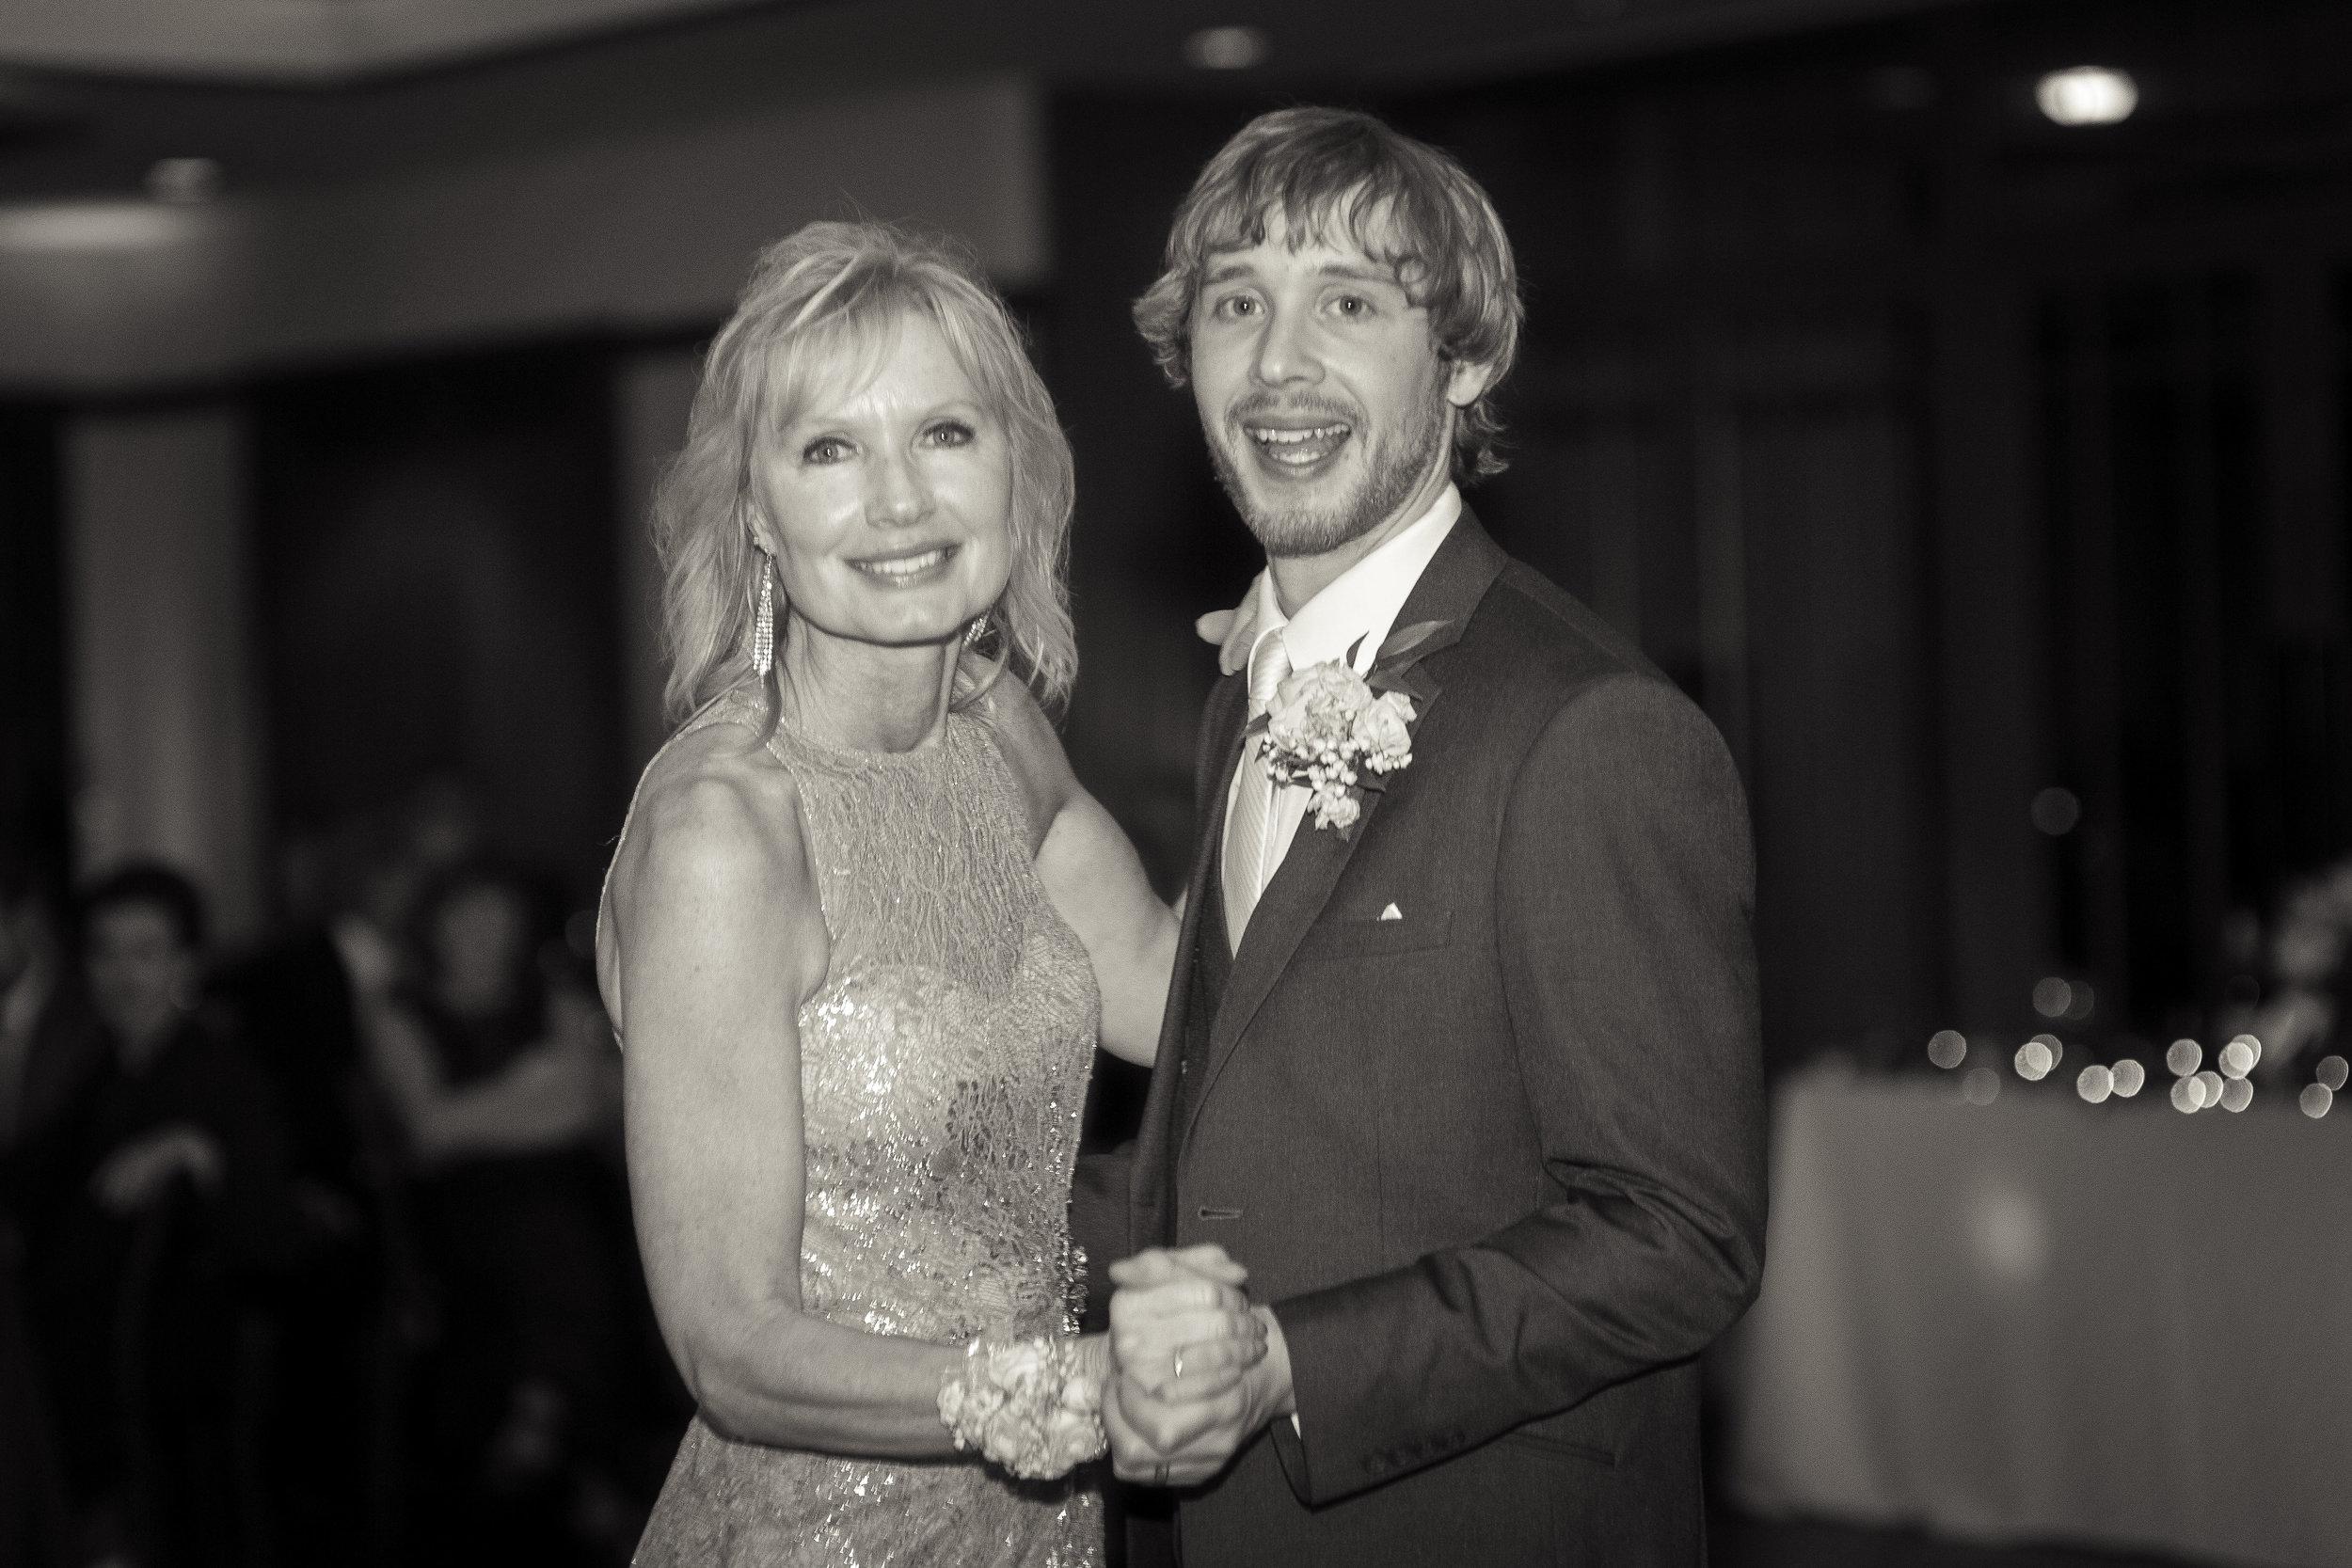 C_Wedding_Spellman, Megan & Tyler_10.27.18-2011.JPG